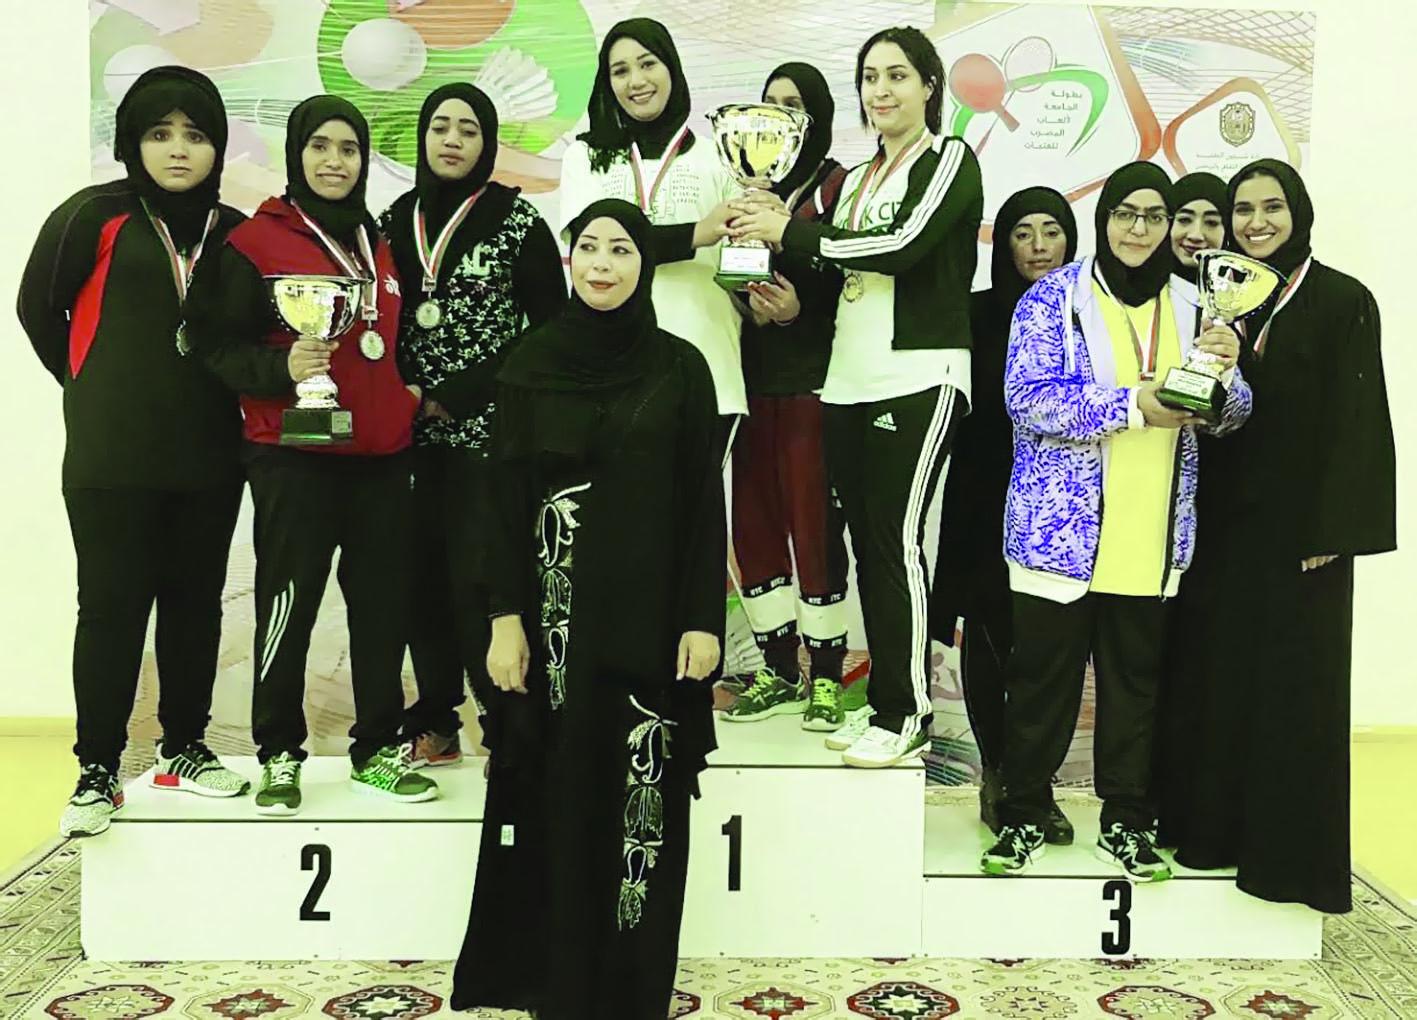 جامعة السلطان قابوس ثانياً في بطولة المضرب للفتيات